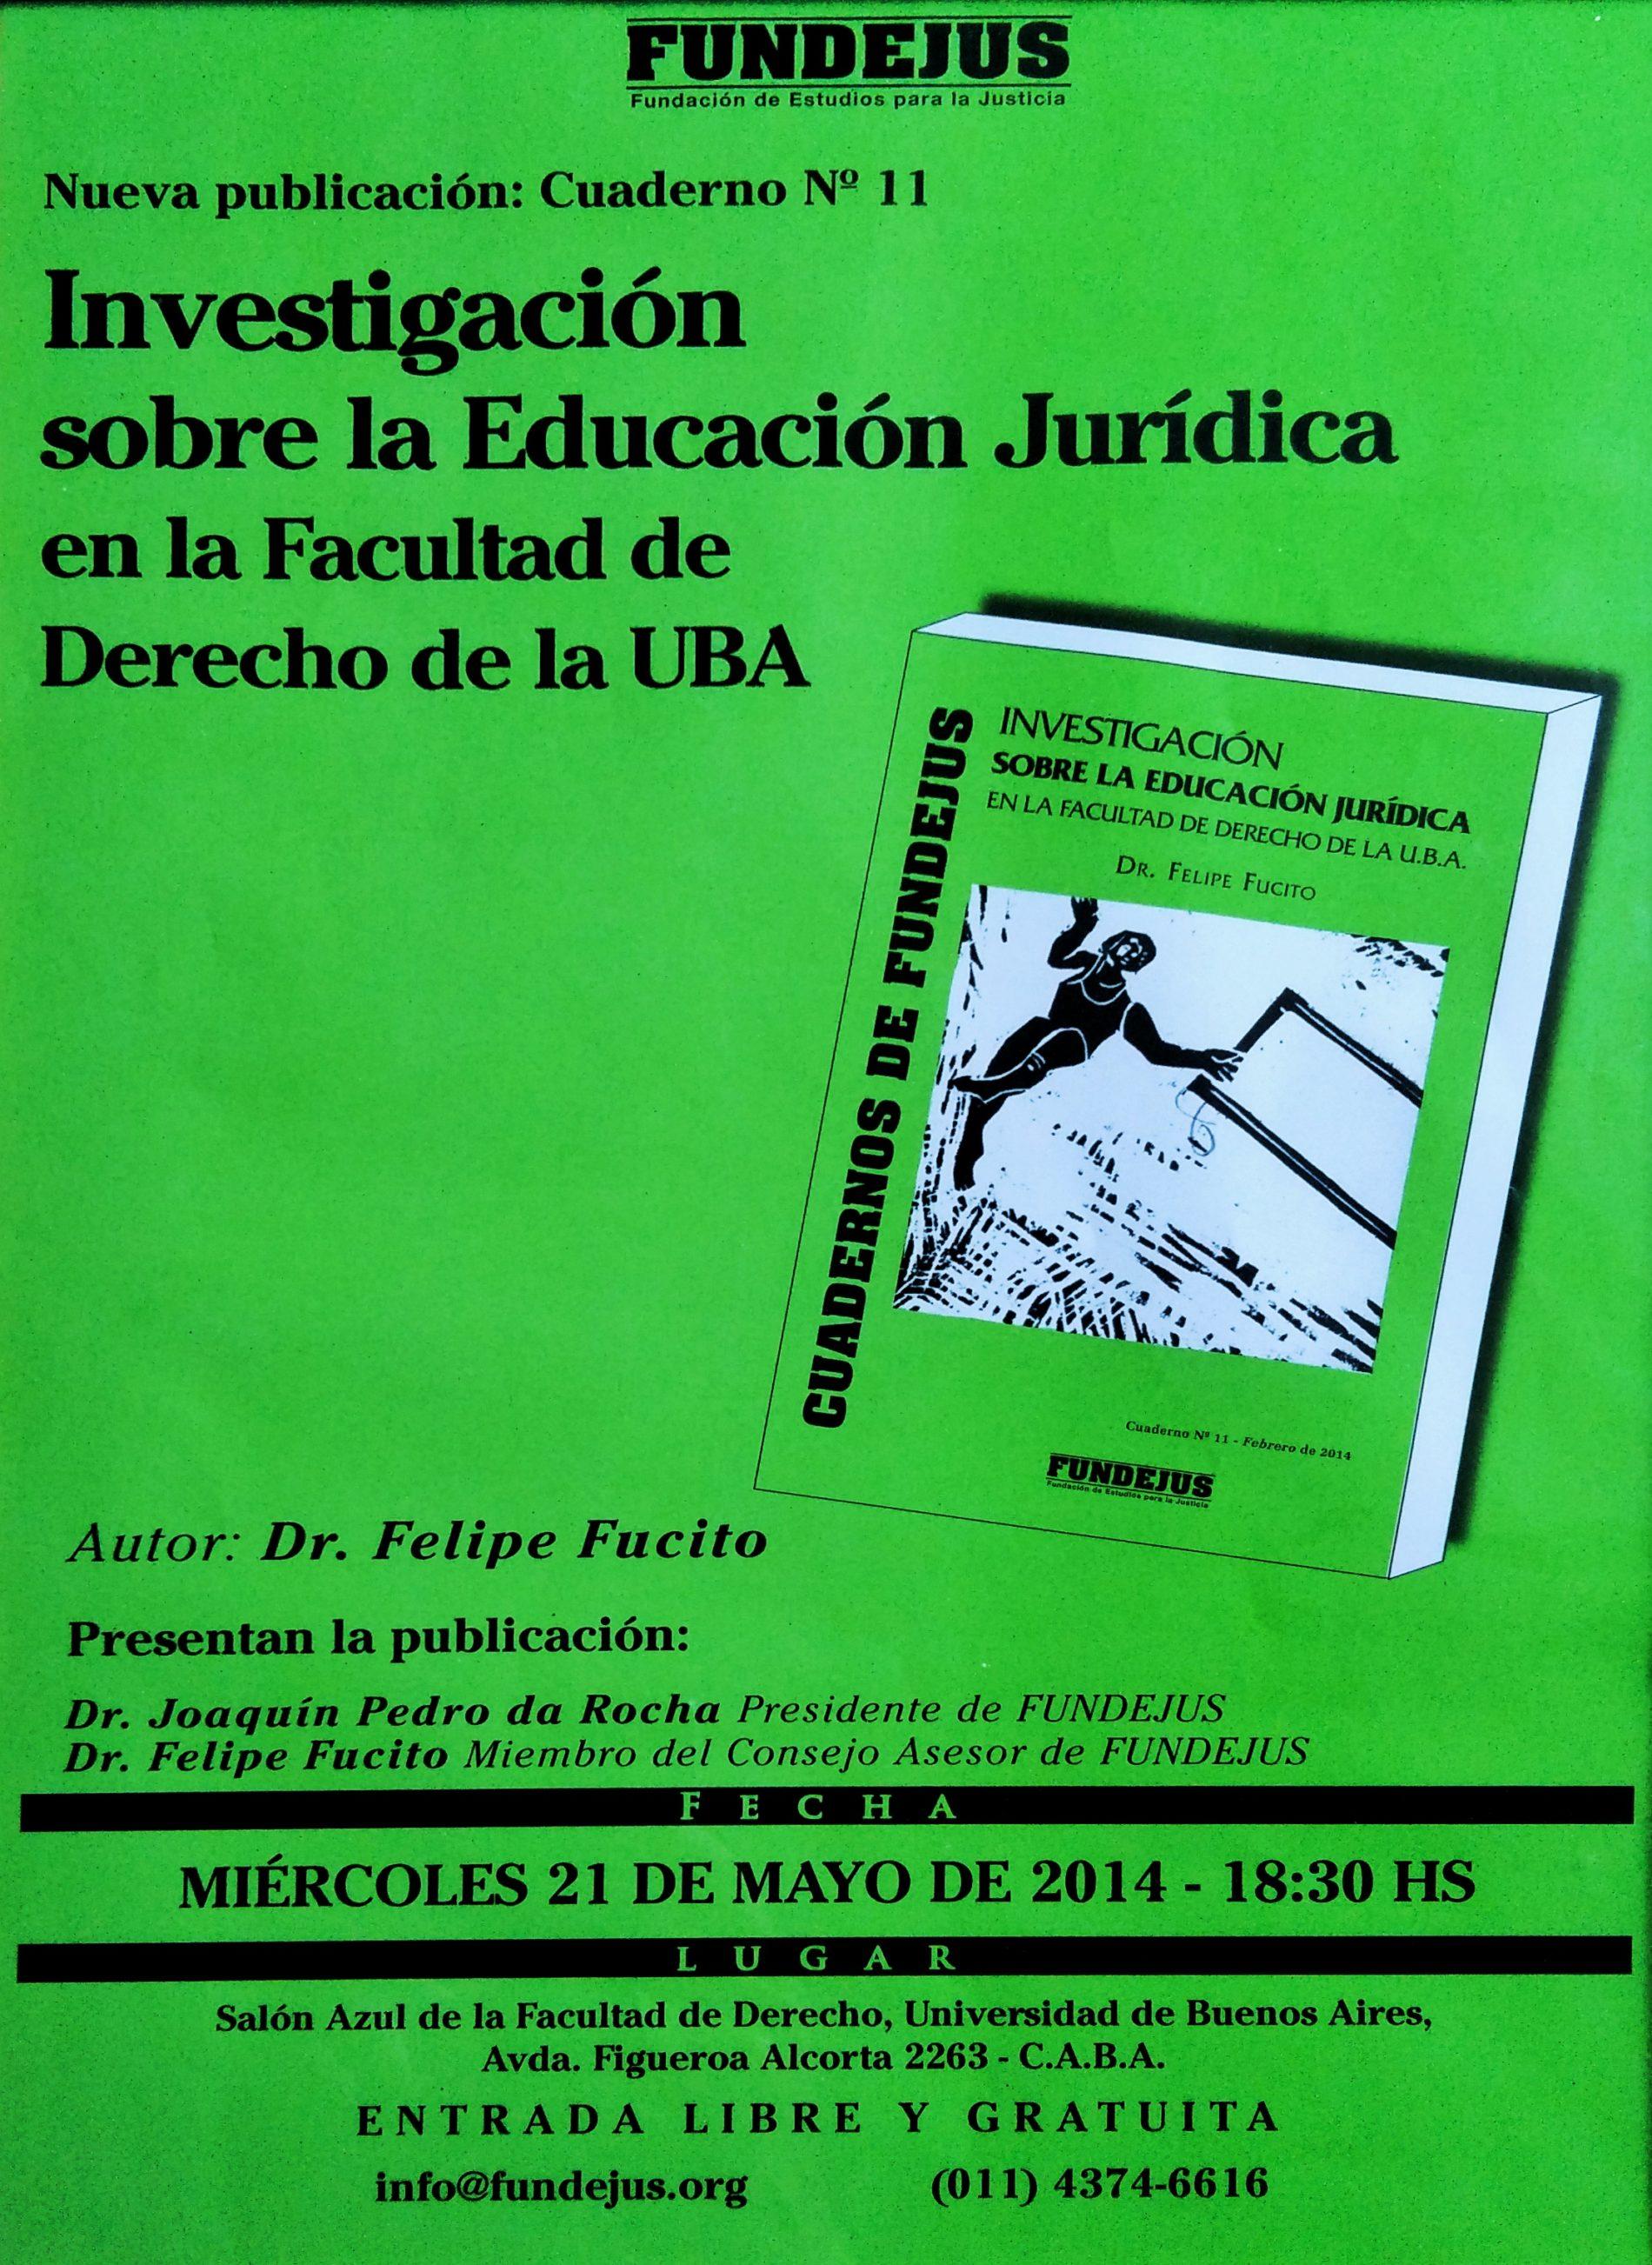 «Cuaderno N°11: Investigación sobre la Educación Jurídica en la Facultad de Derecho de la UBA»